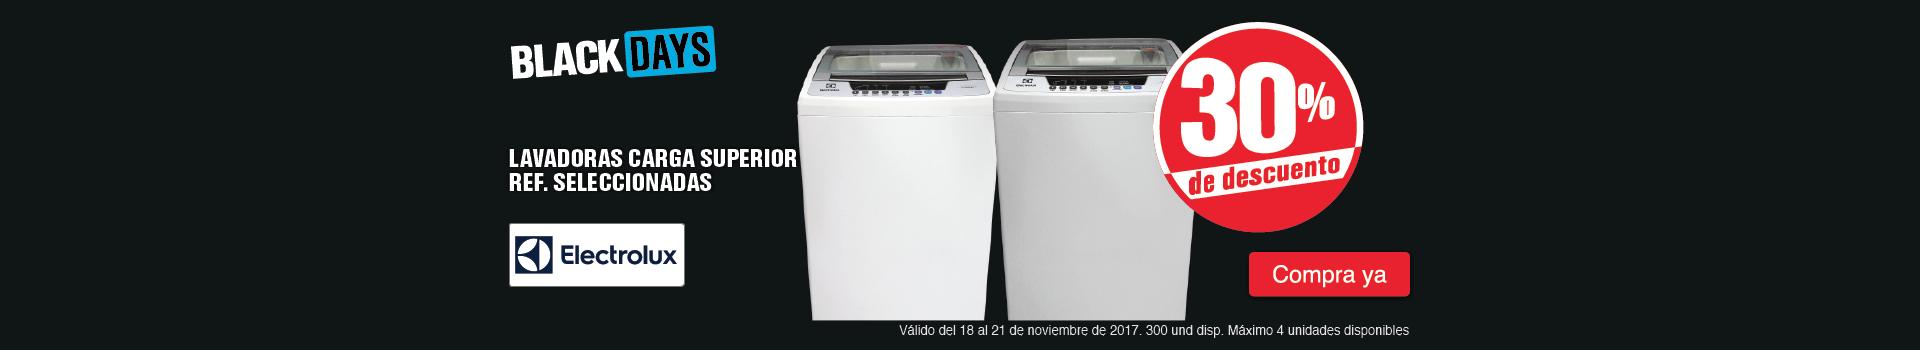 CAT ELECT-KT2-LB-lavadora-CARGA-SUPERIOR-ELECTROLUX-cat-nov18-21